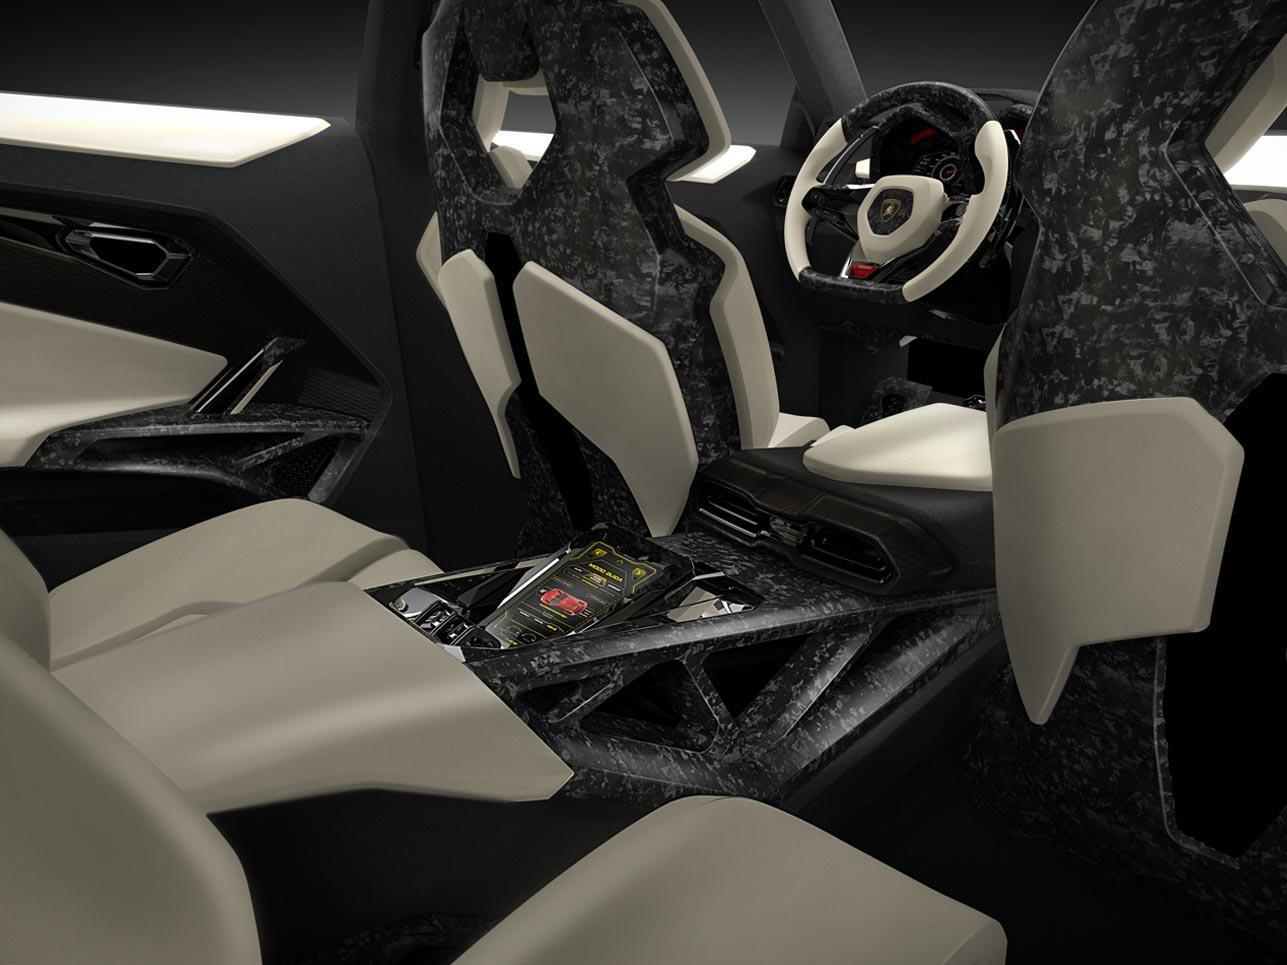 Innenraum des Lamborghini Urus